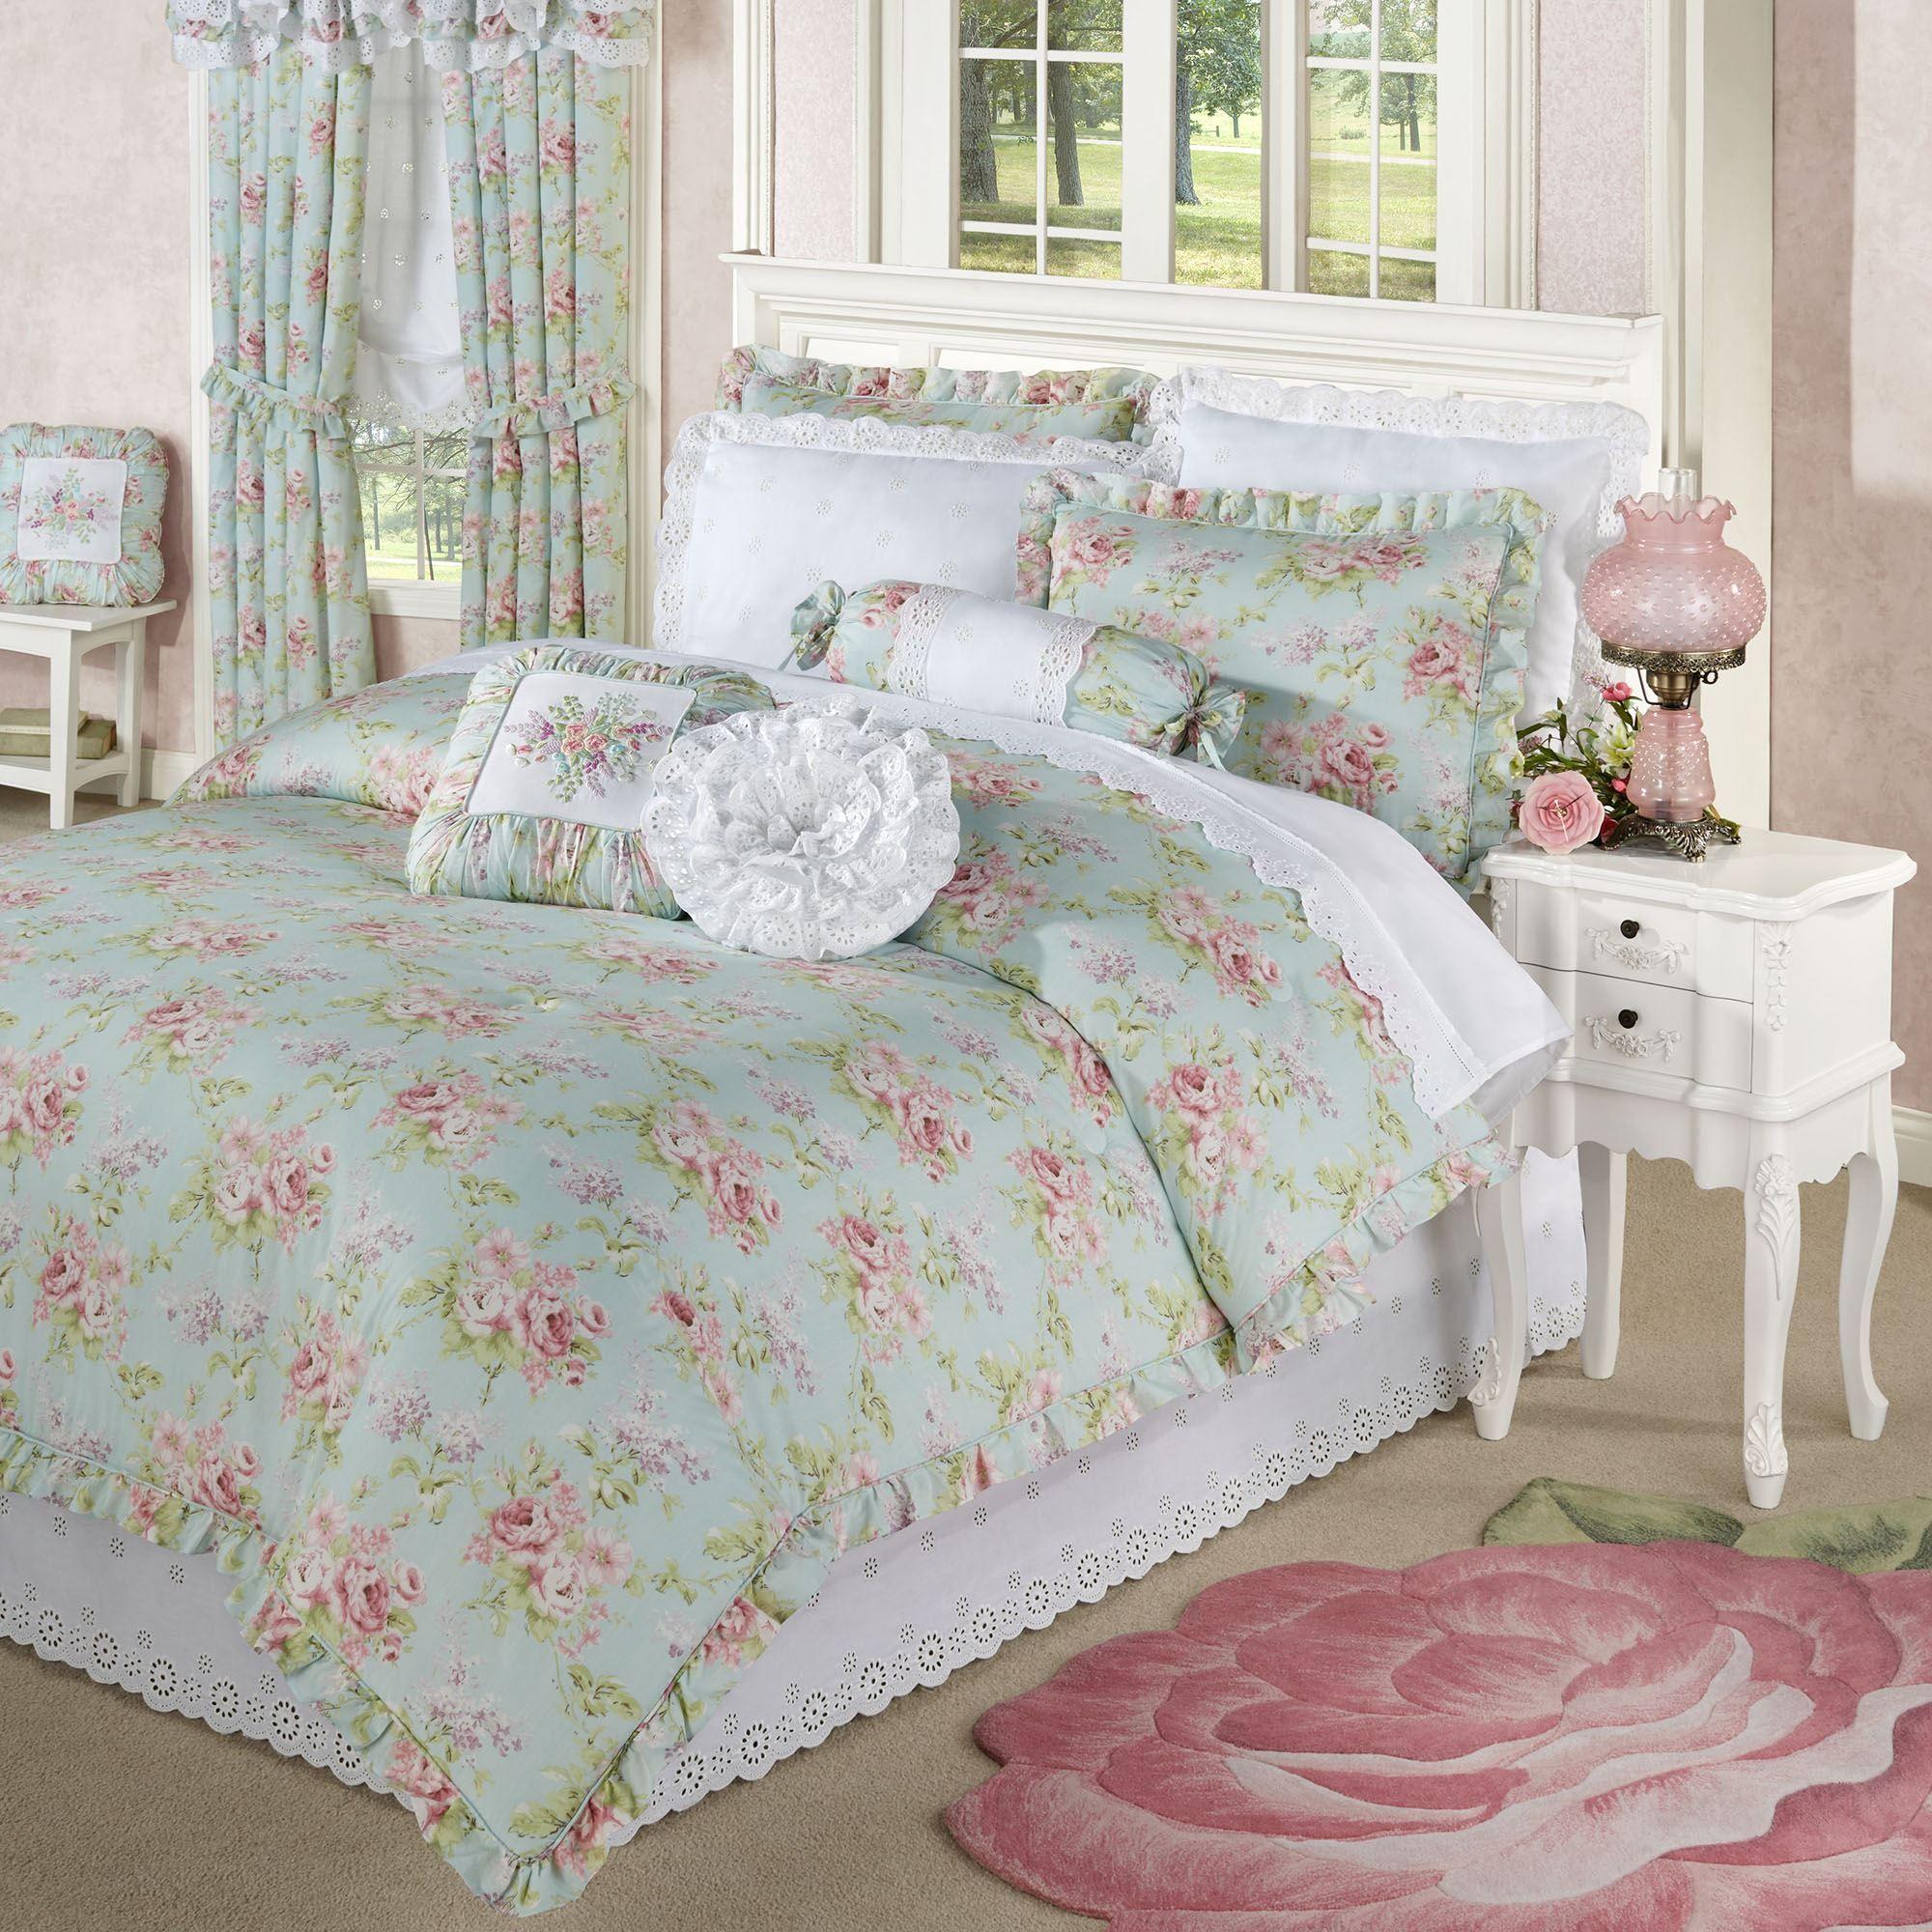 Cottage Rose Aqua Mist Floral Comforter Bedding